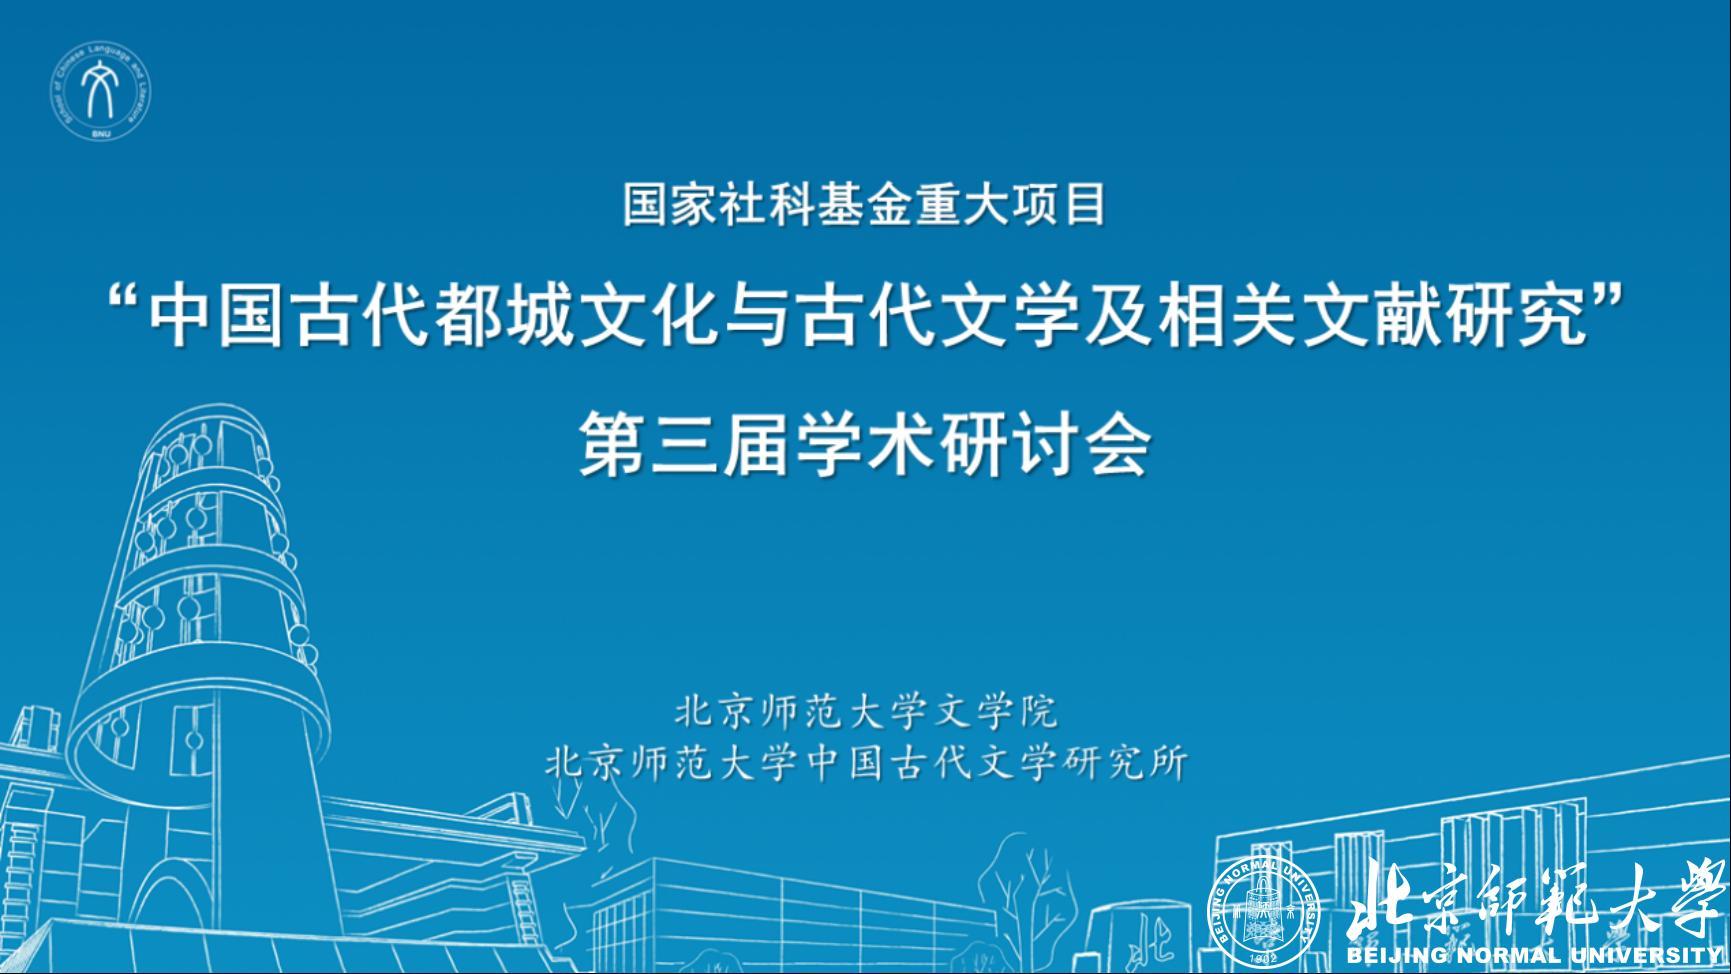 """国家社科基金重大项目 """"中国古代都城文化与古代文学及相关文献研究"""" 第三届学术研讨会在线上举行"""